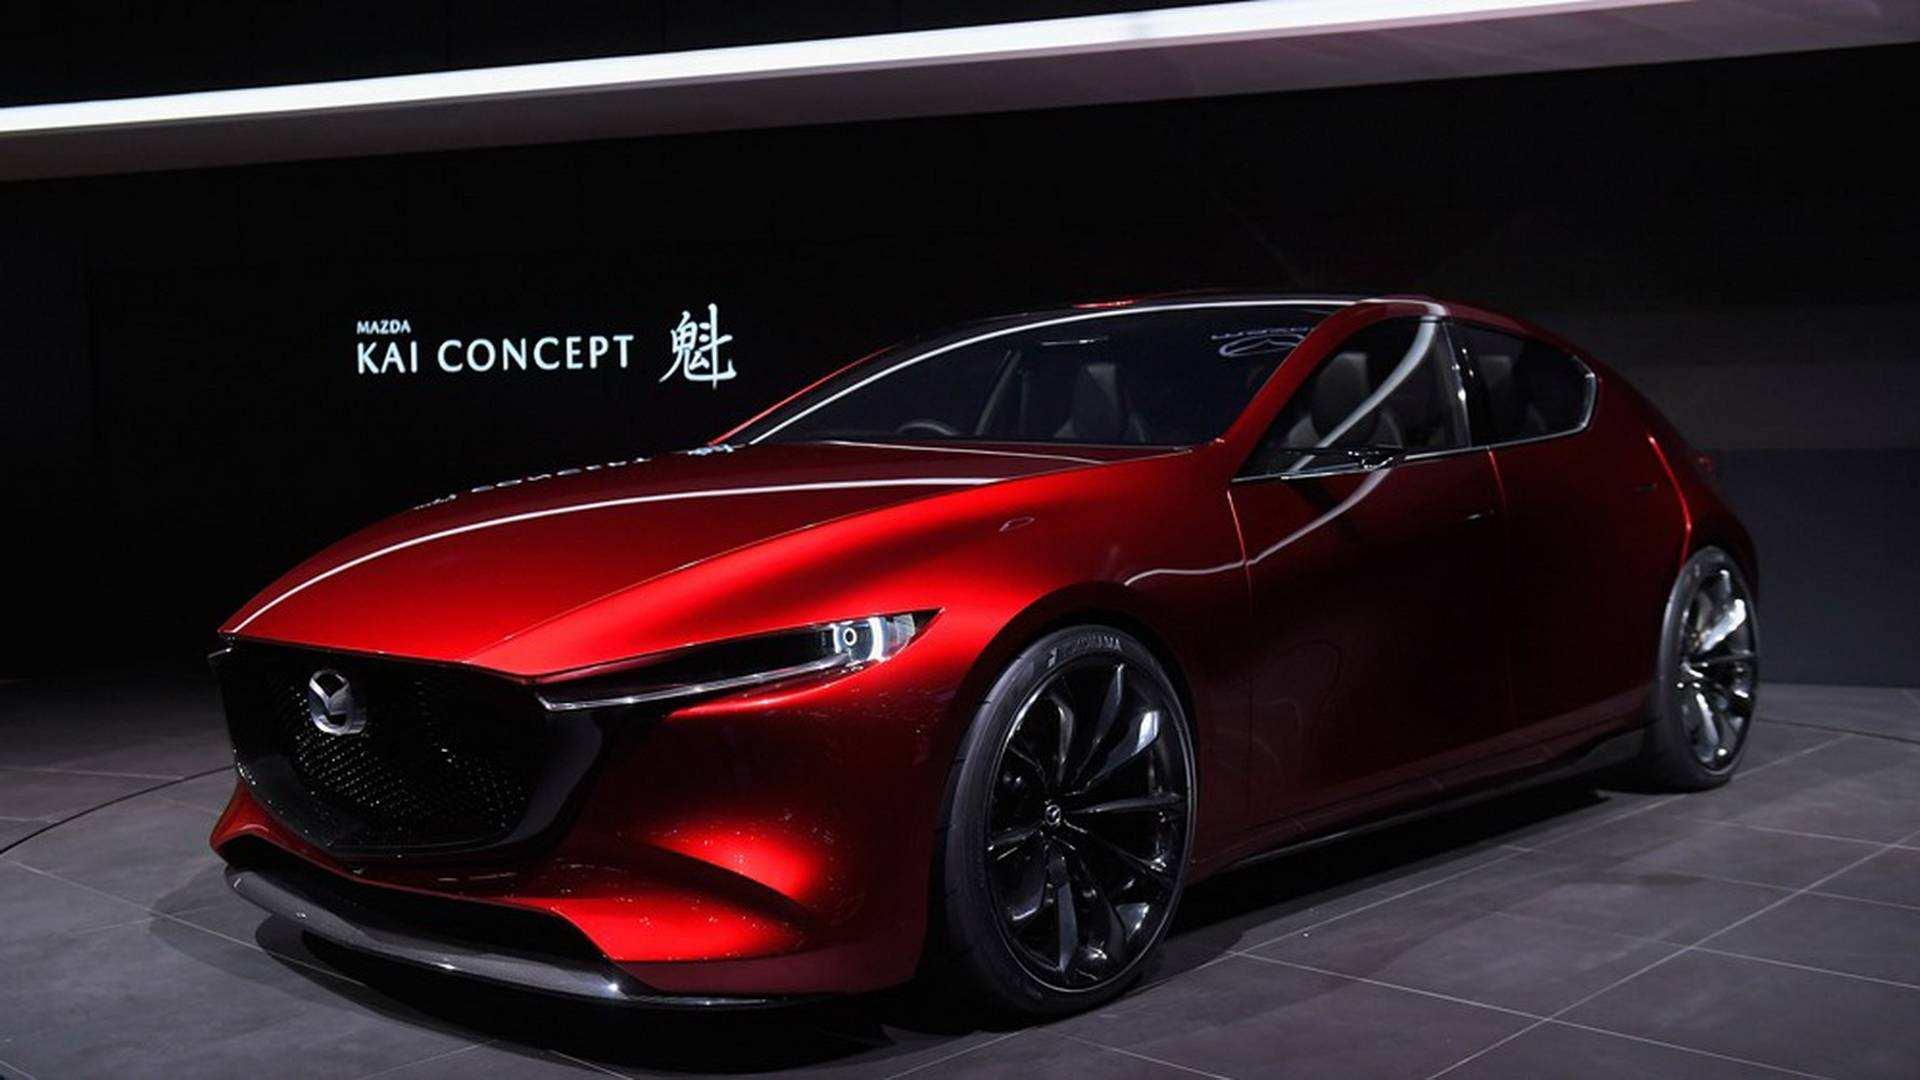 32 Concept of Mazda Kai 2020 Redesign and Concept with Mazda Kai 2020